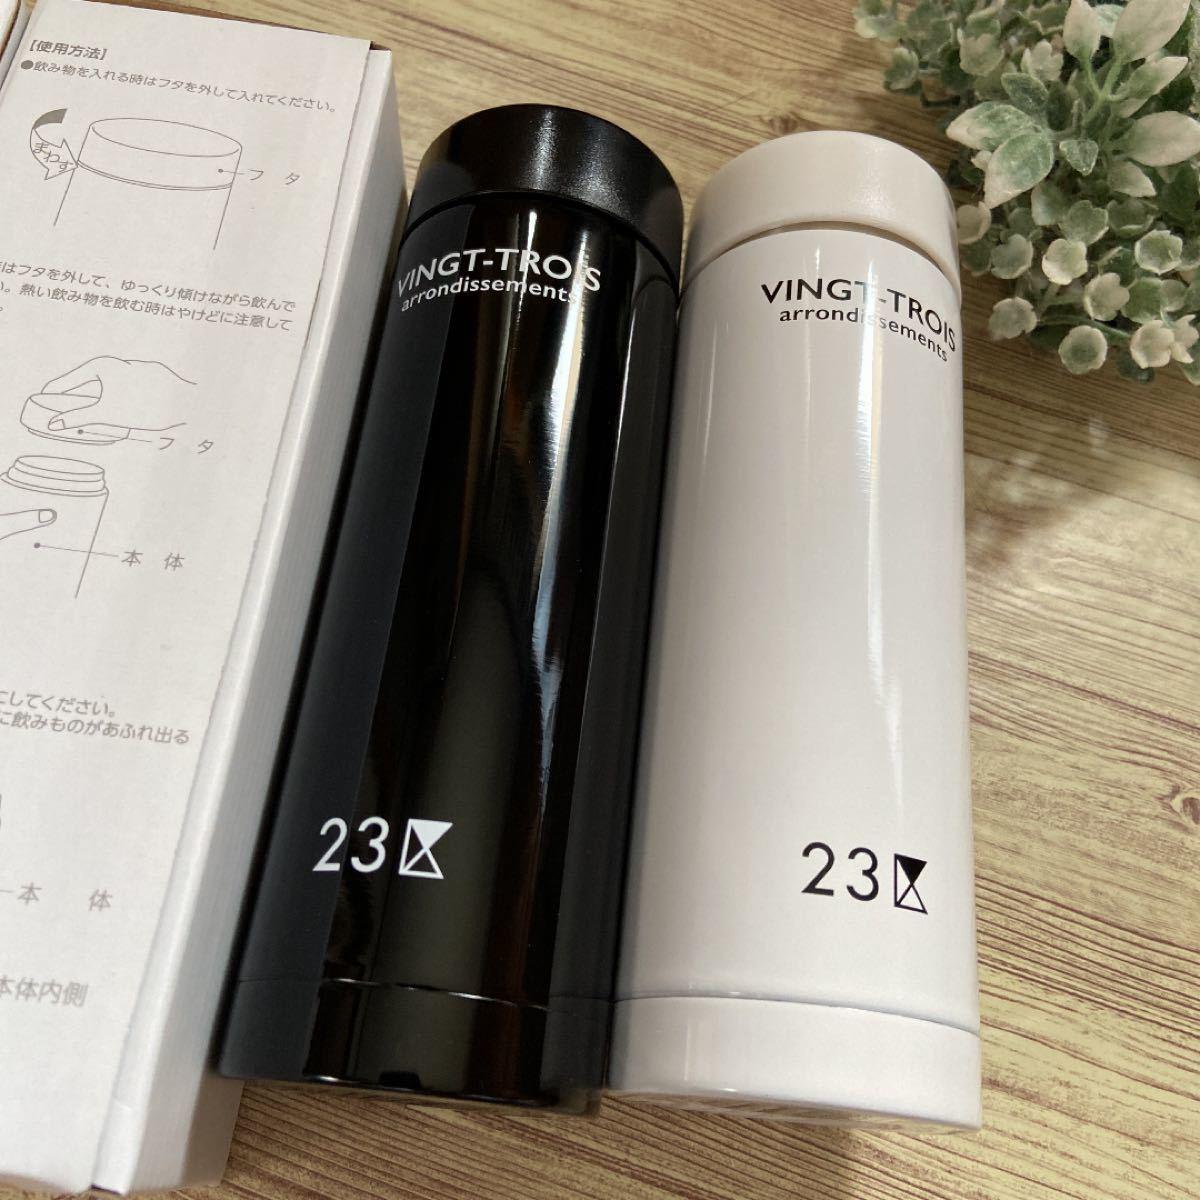 【新品】23区   VINGT-TROIS  タンブラー ステンレスボトル 水筒 ボトル マグボトル スリム ステンレス 保冷